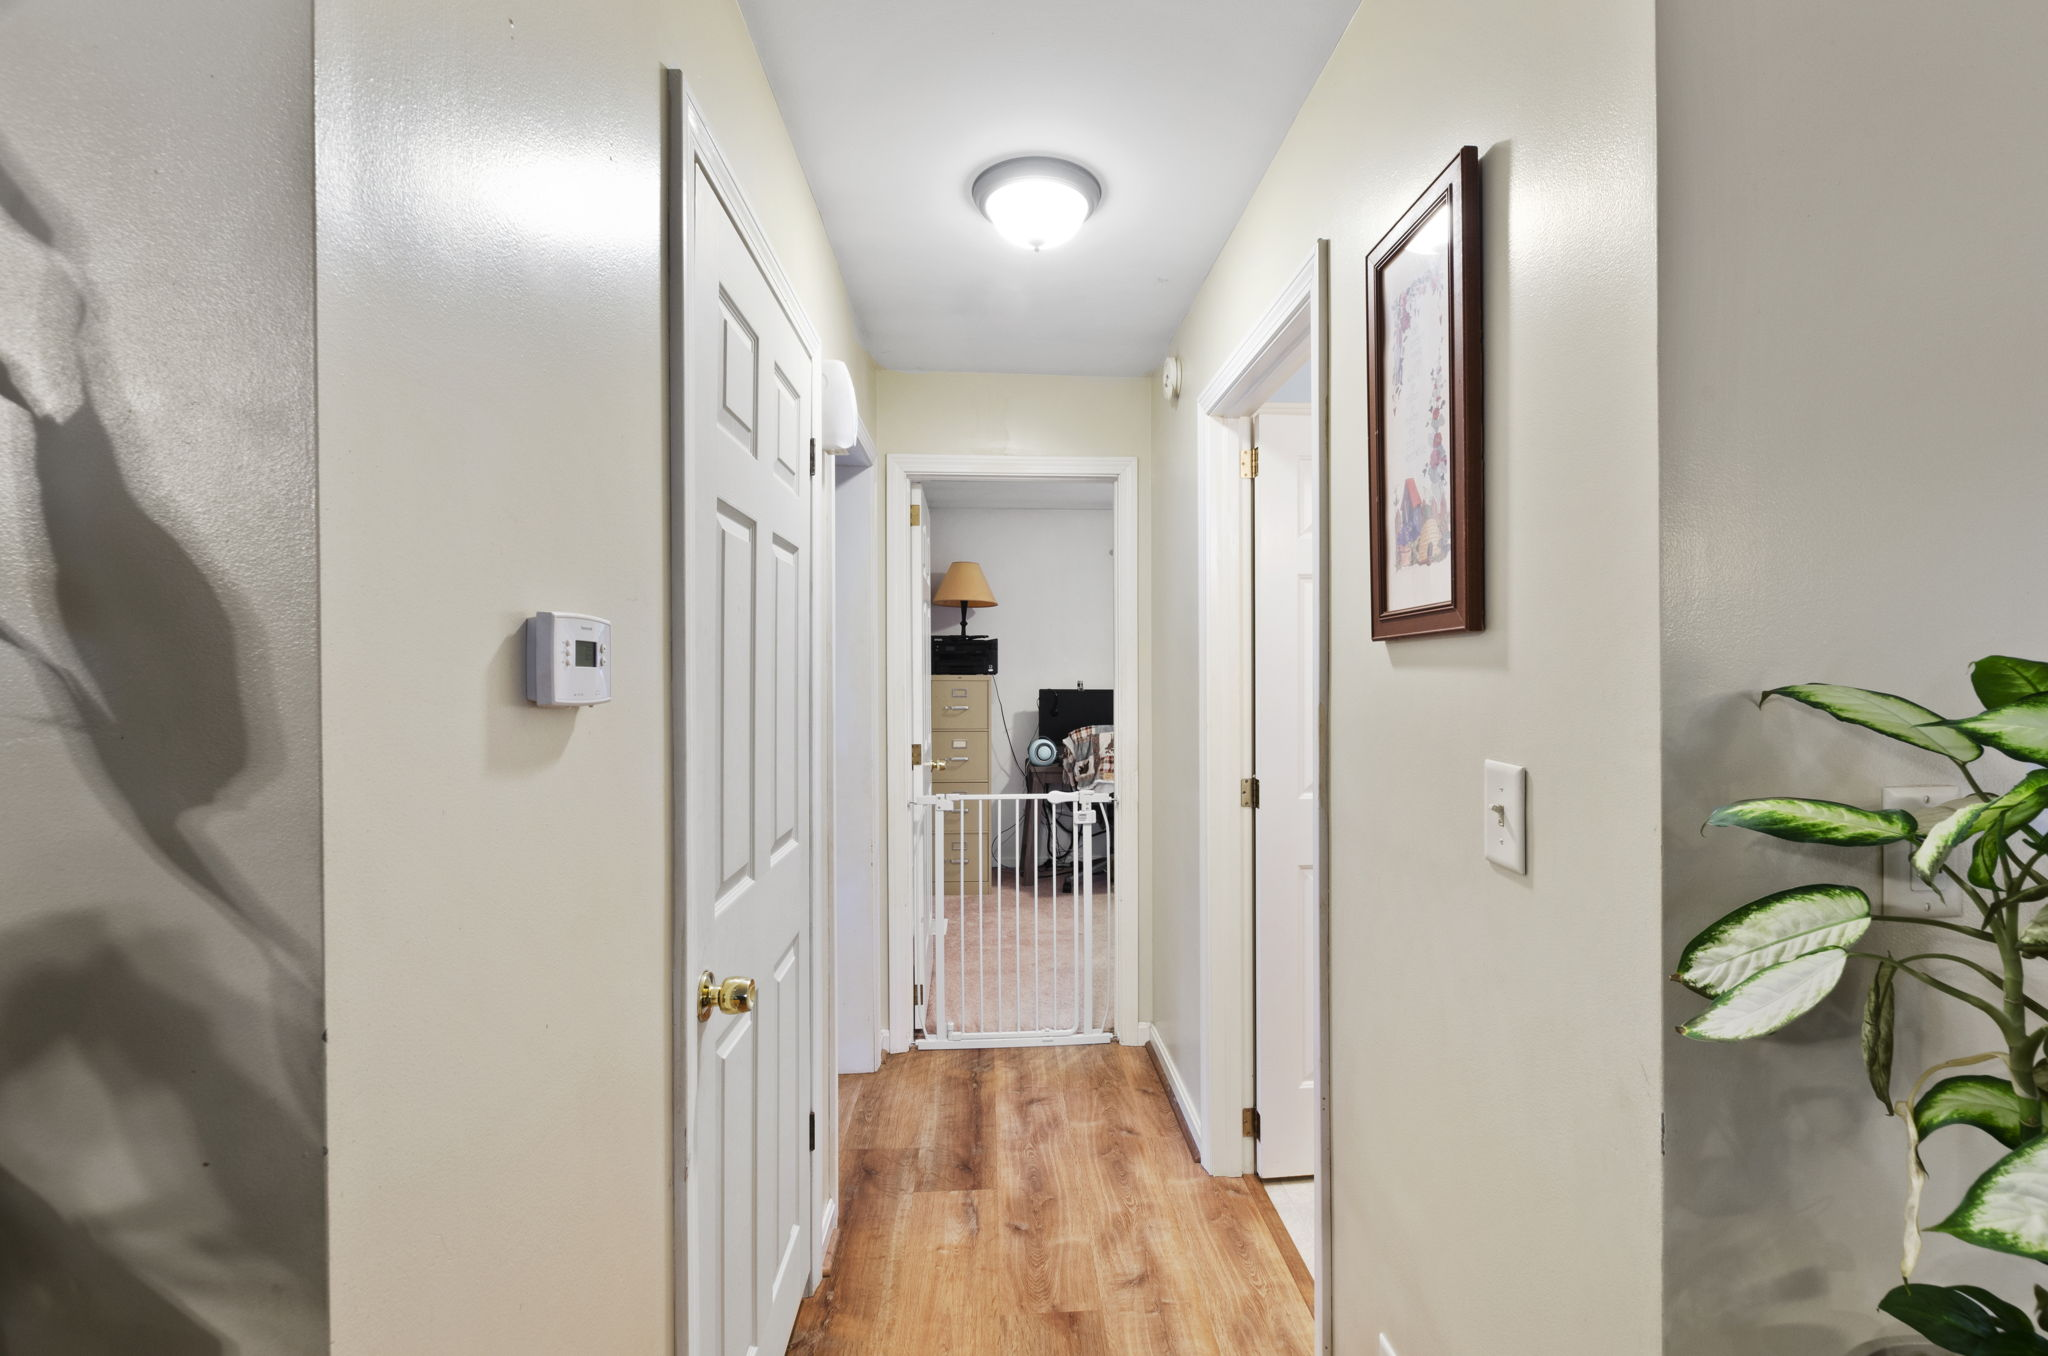 Hallway - Basement - Bath - Bedroom